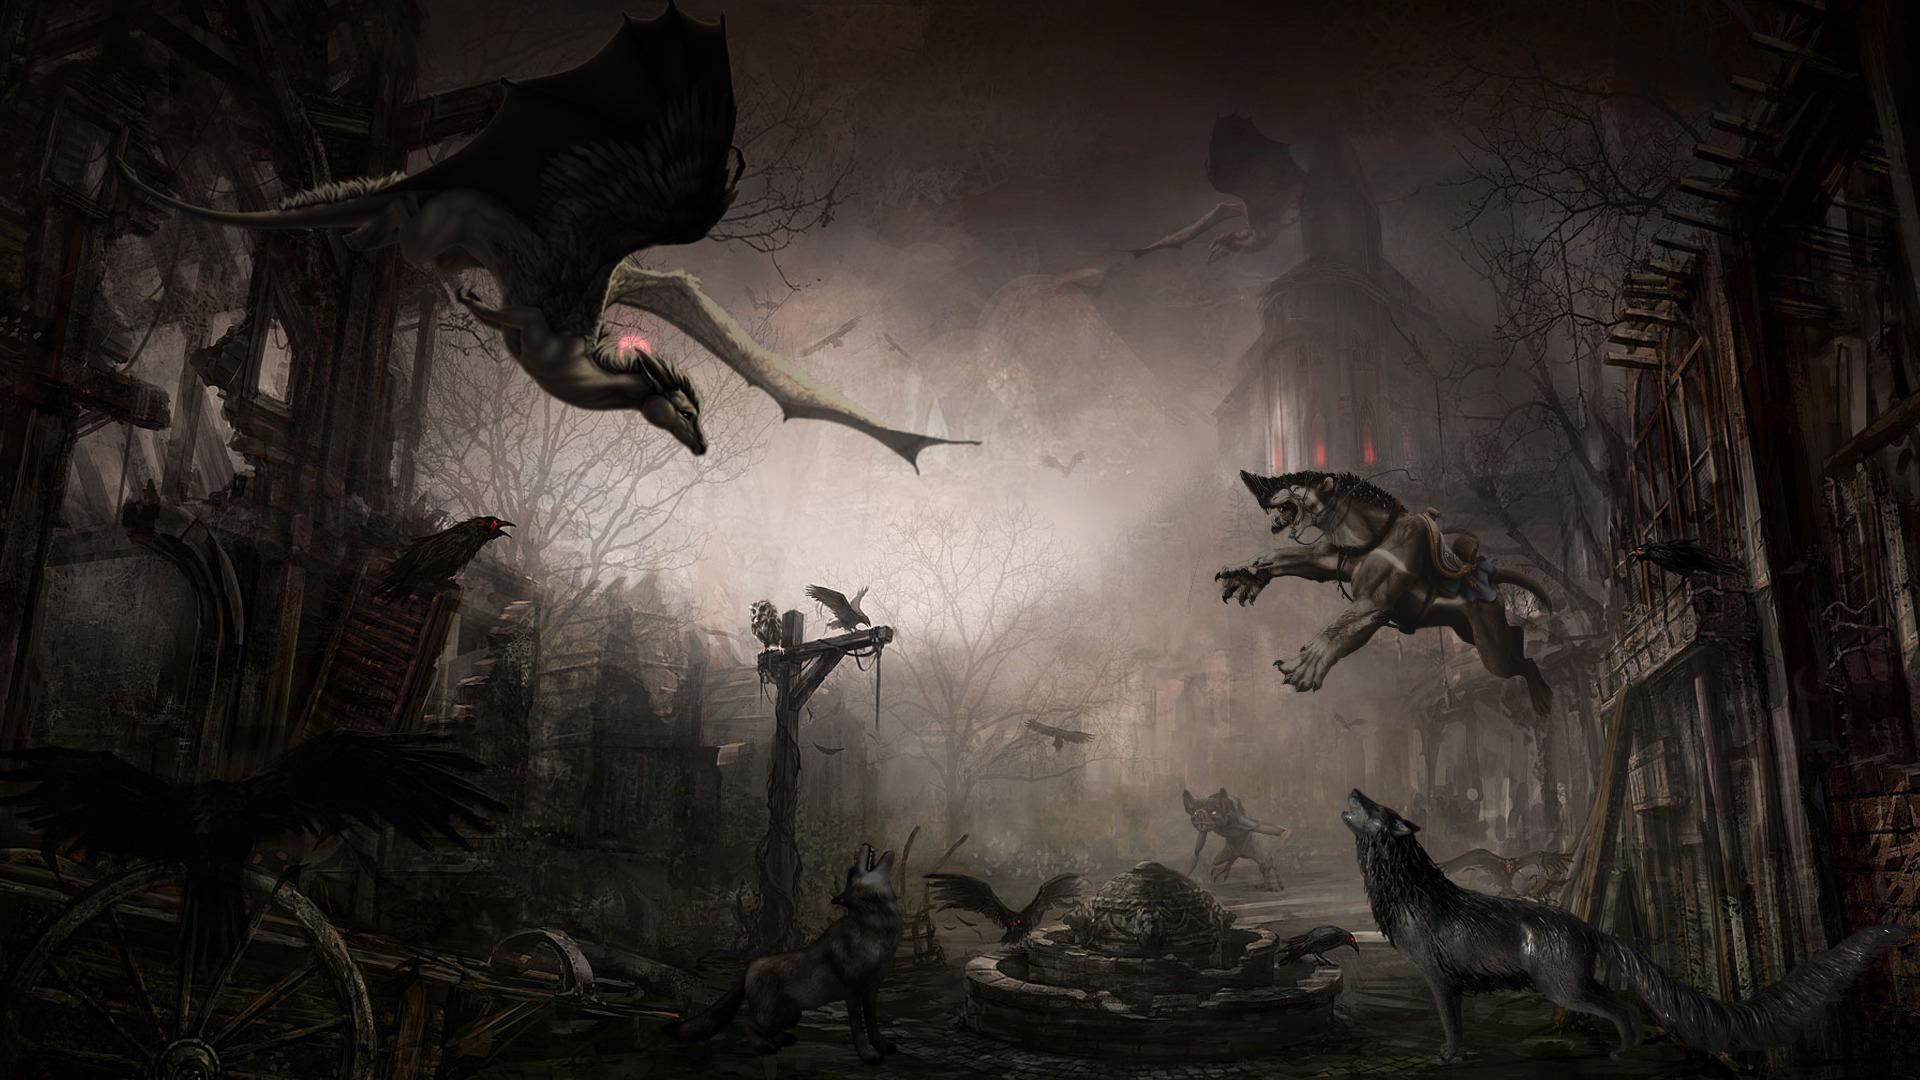 daniele-fanella-dark-composition